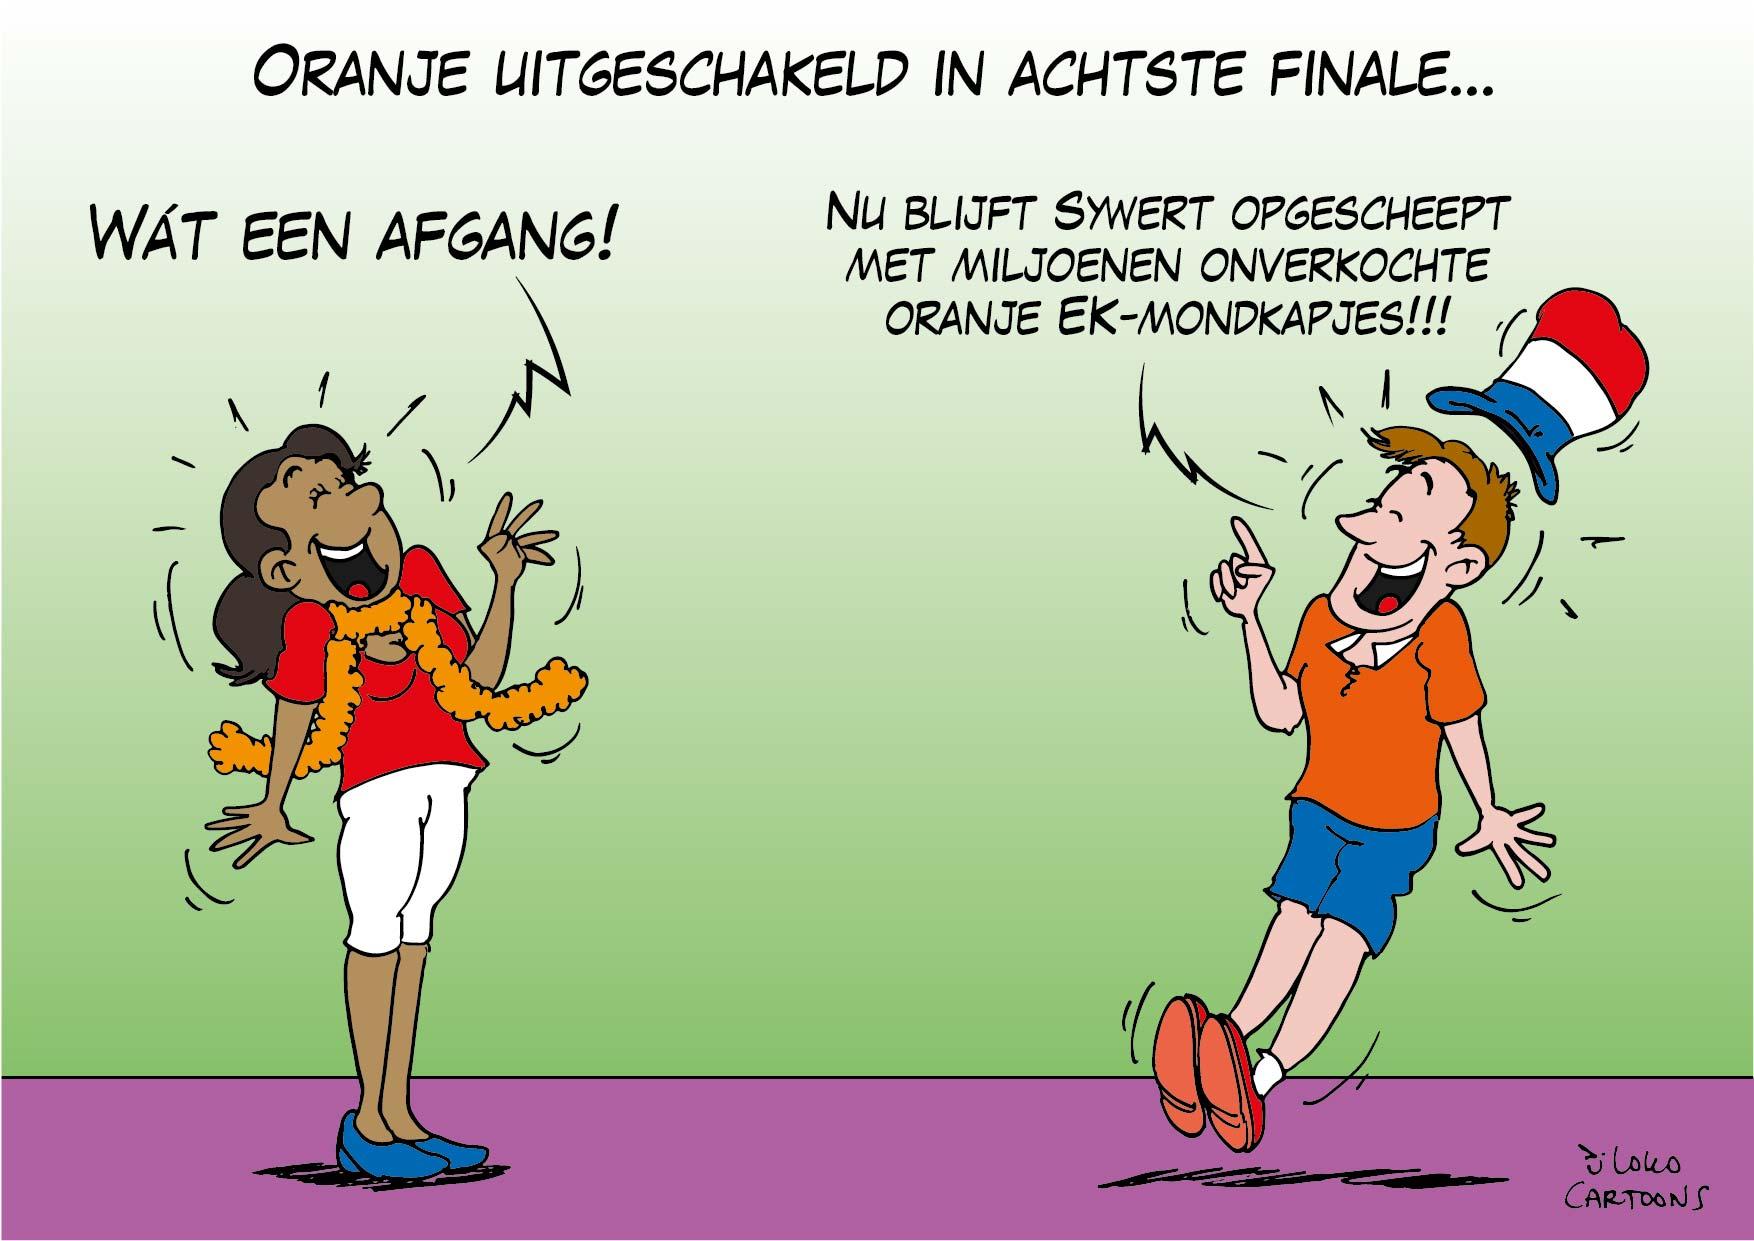 Oranje uitgeschakeld in achtste finale…